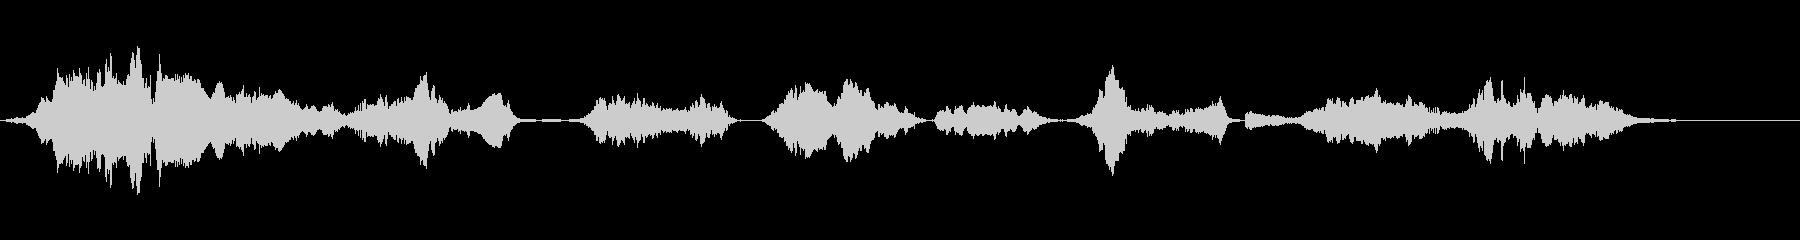 小さい男性の群集(5-10人)Ca...の未再生の波形